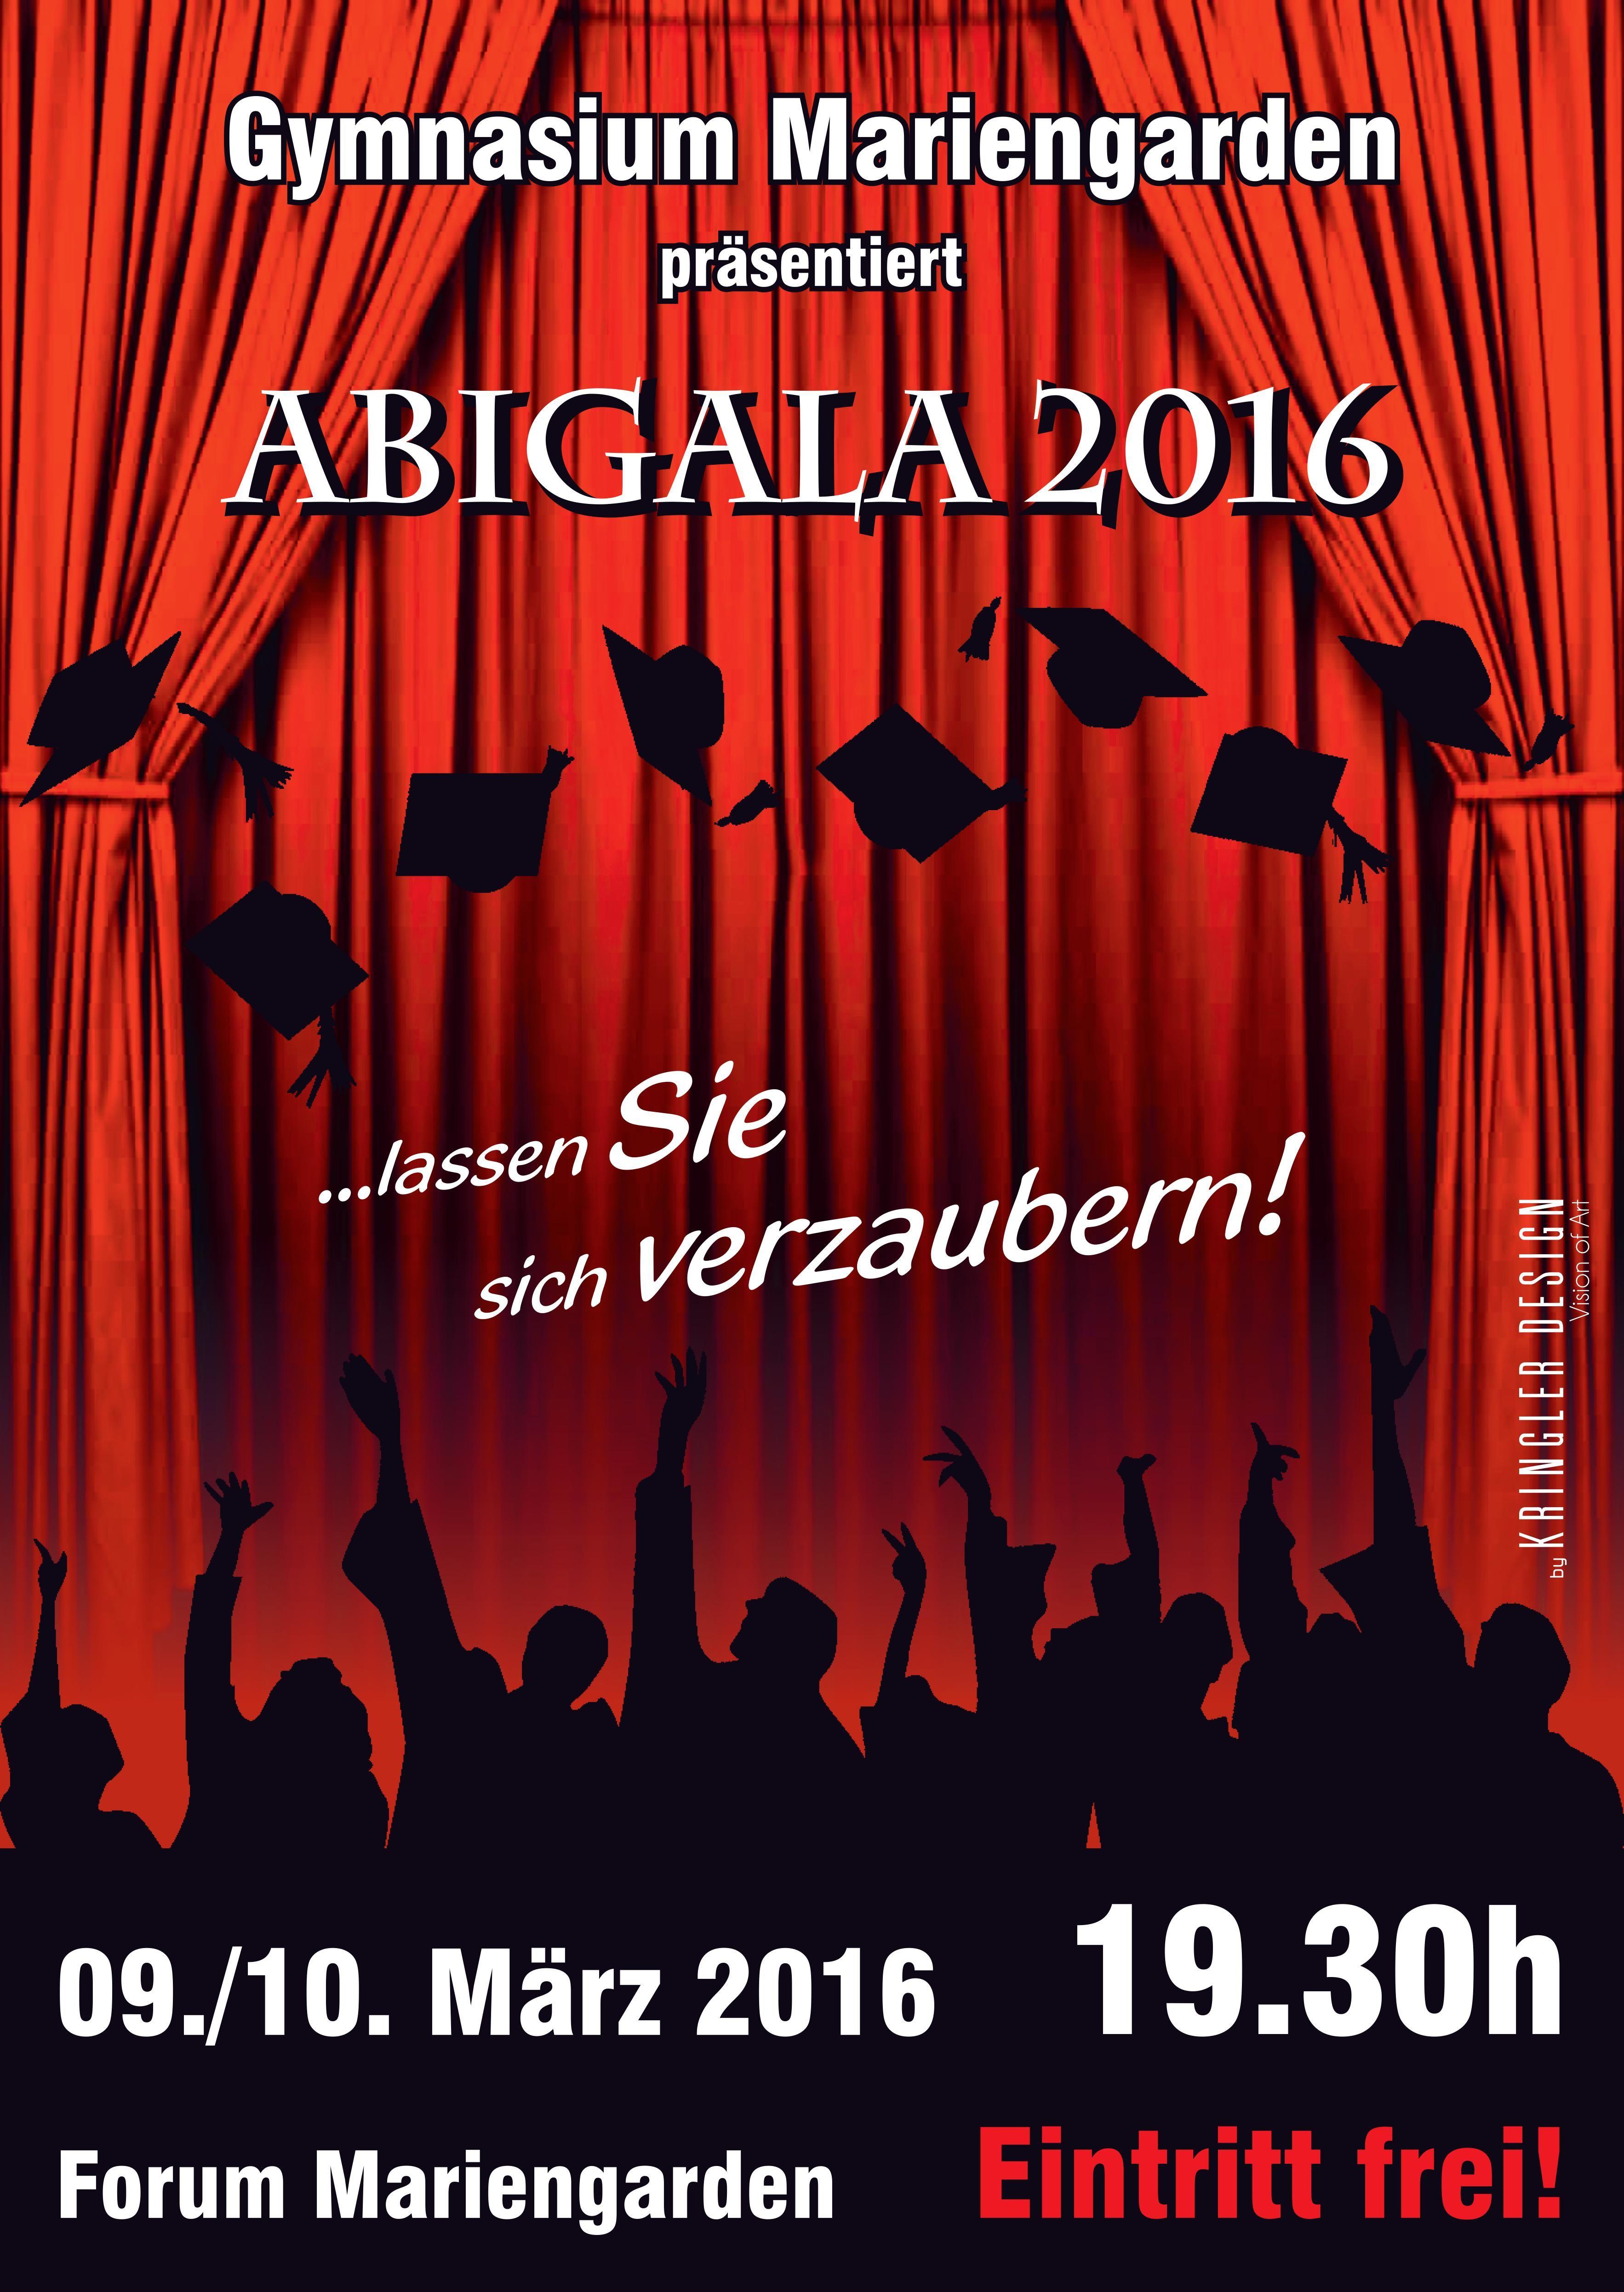 abigala2016